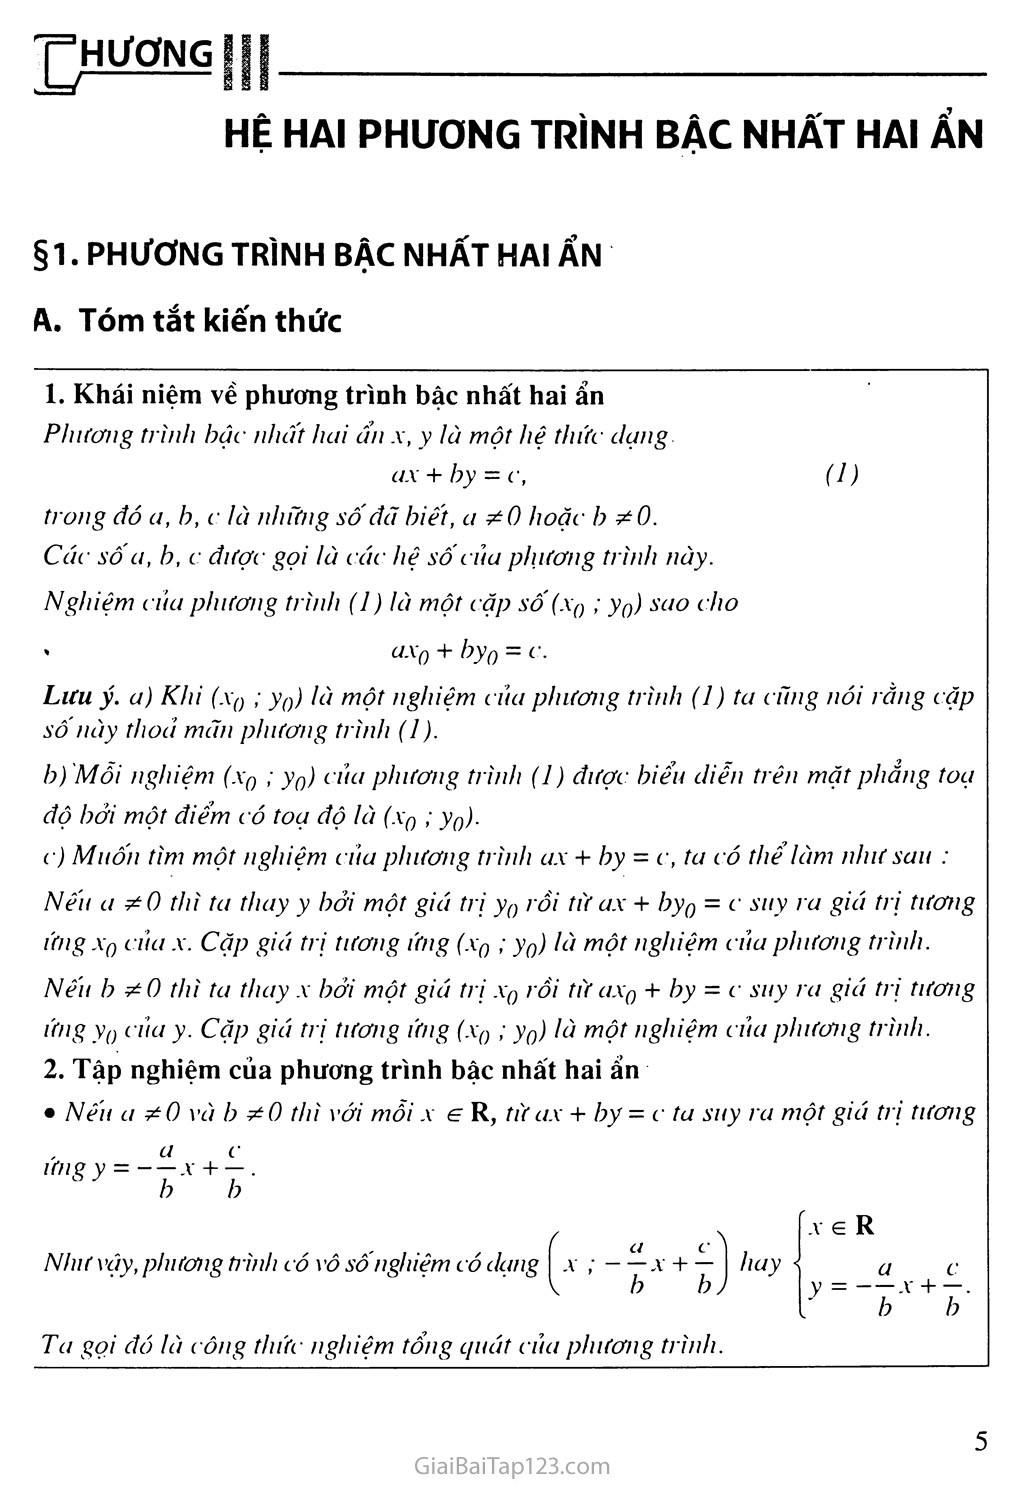 Bài 1. Phương trình bậc nhất hai ẩn trang 1